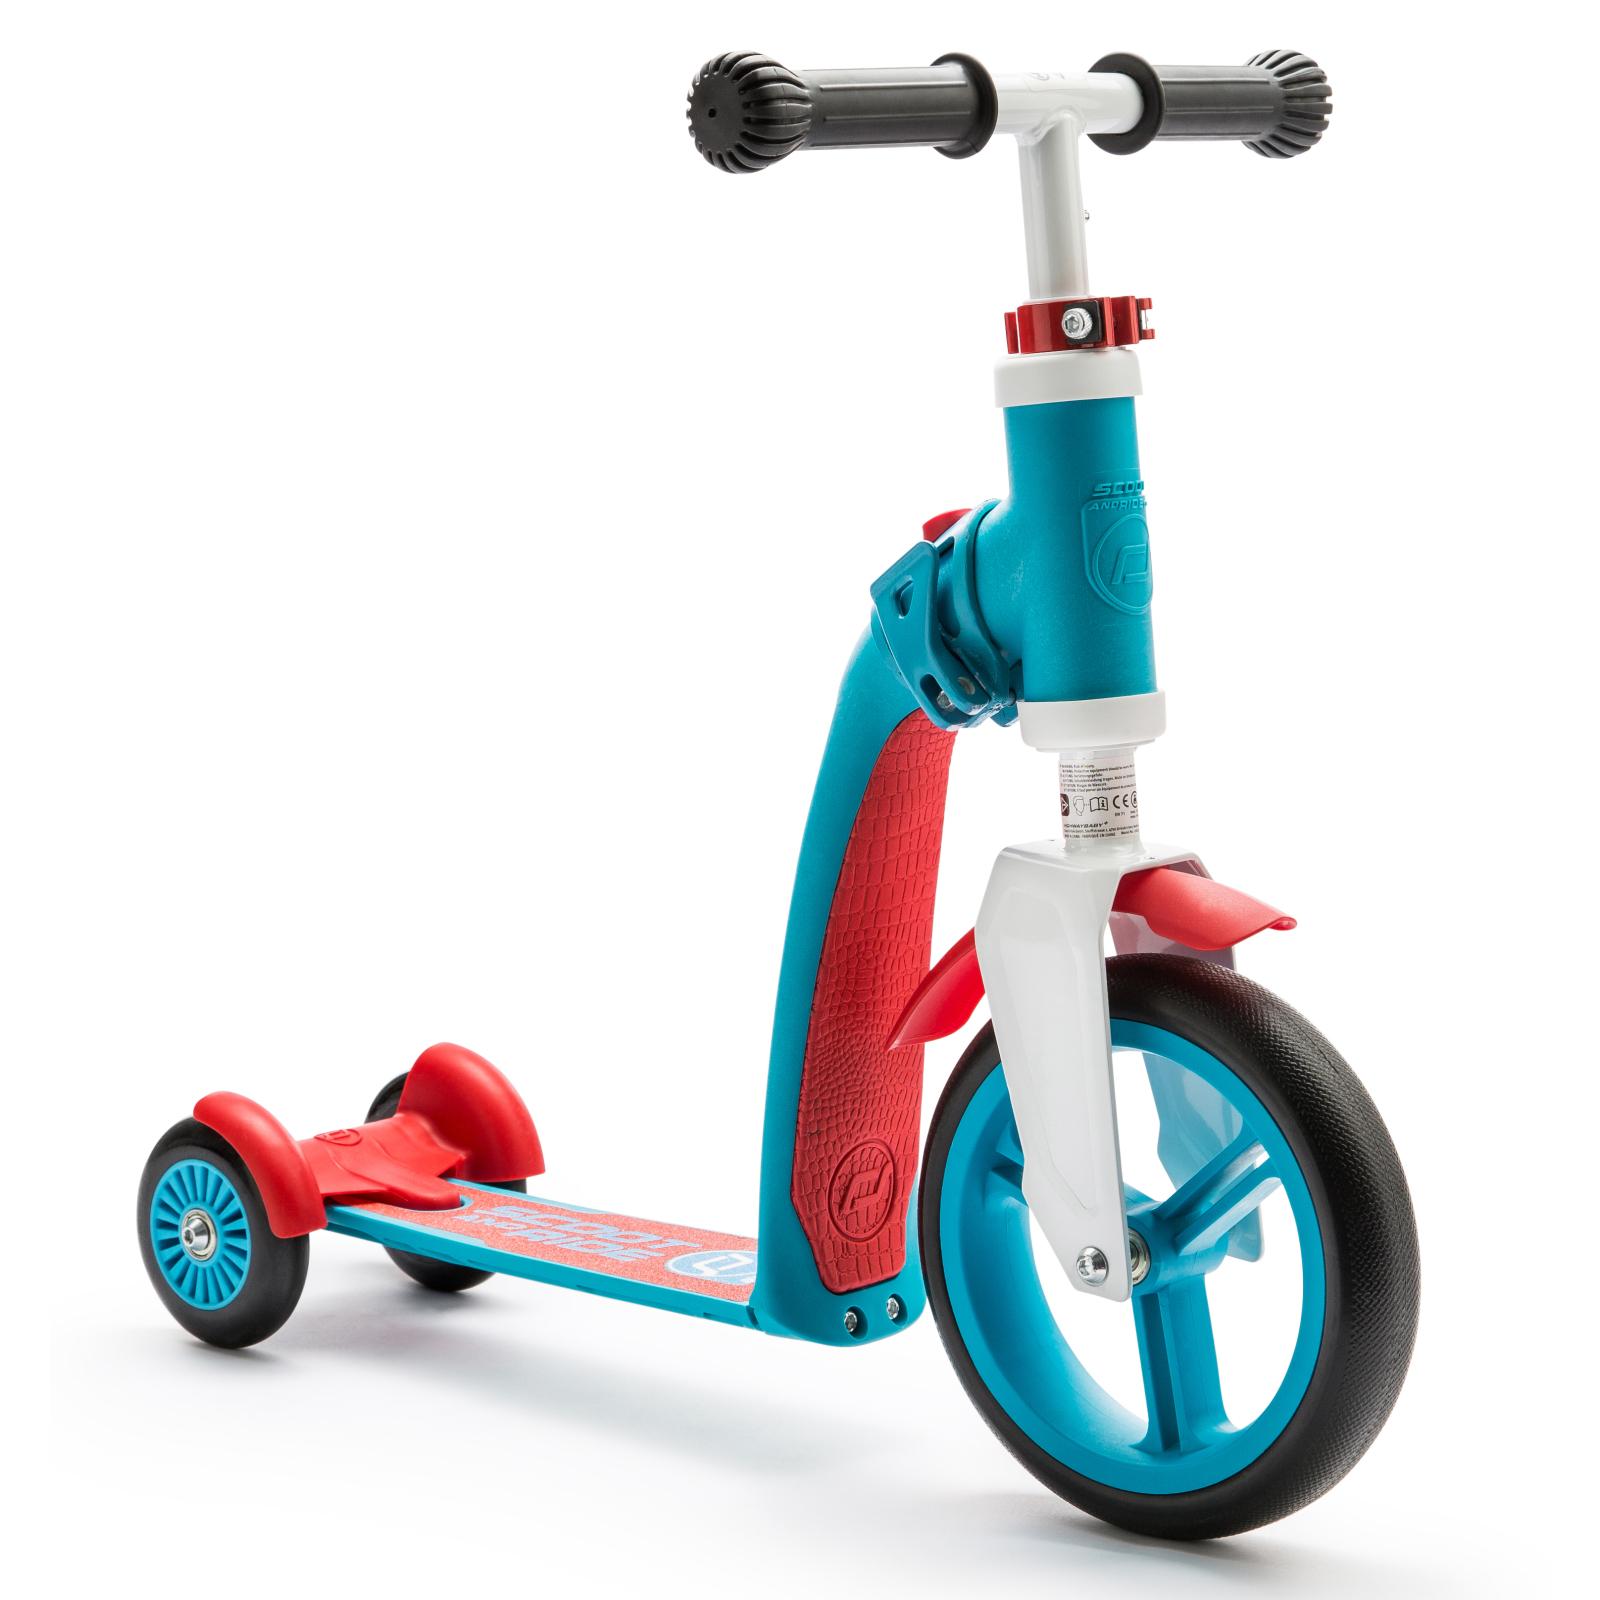 Самокат Scoot&Ride Highwaybaby+ сине-красный (SR-216272-BLUE-RED) изображение 2